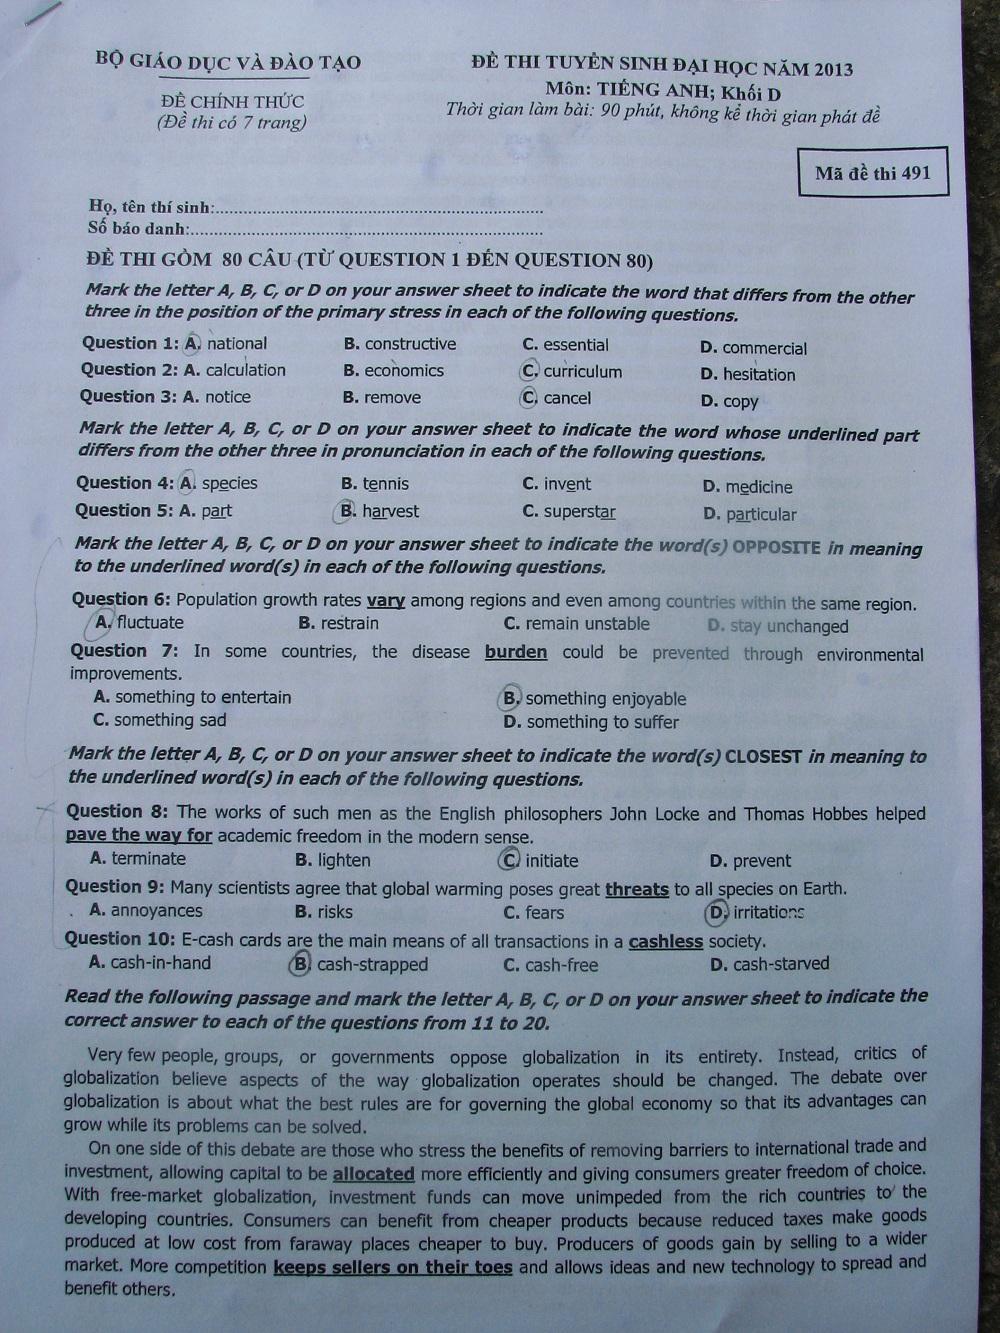 Đáp án đề thi đại học môn Tiếng Anh khối D năm 2013